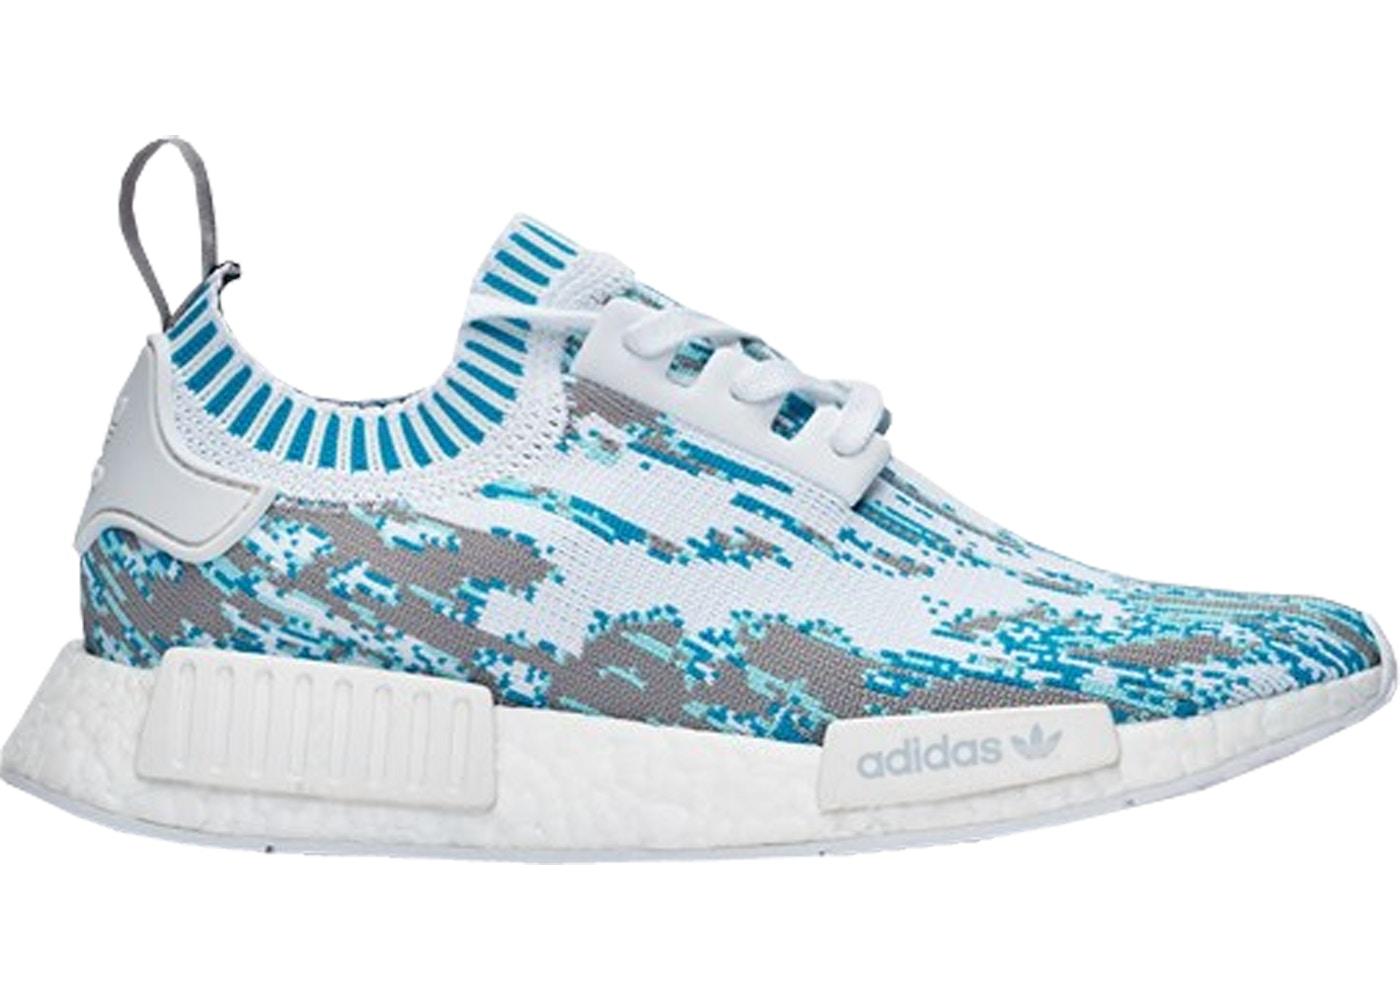 a81fdc02fa435 adidas NMD R1 Sneakersnstuff Datamosh Clear Aqua - BB6364